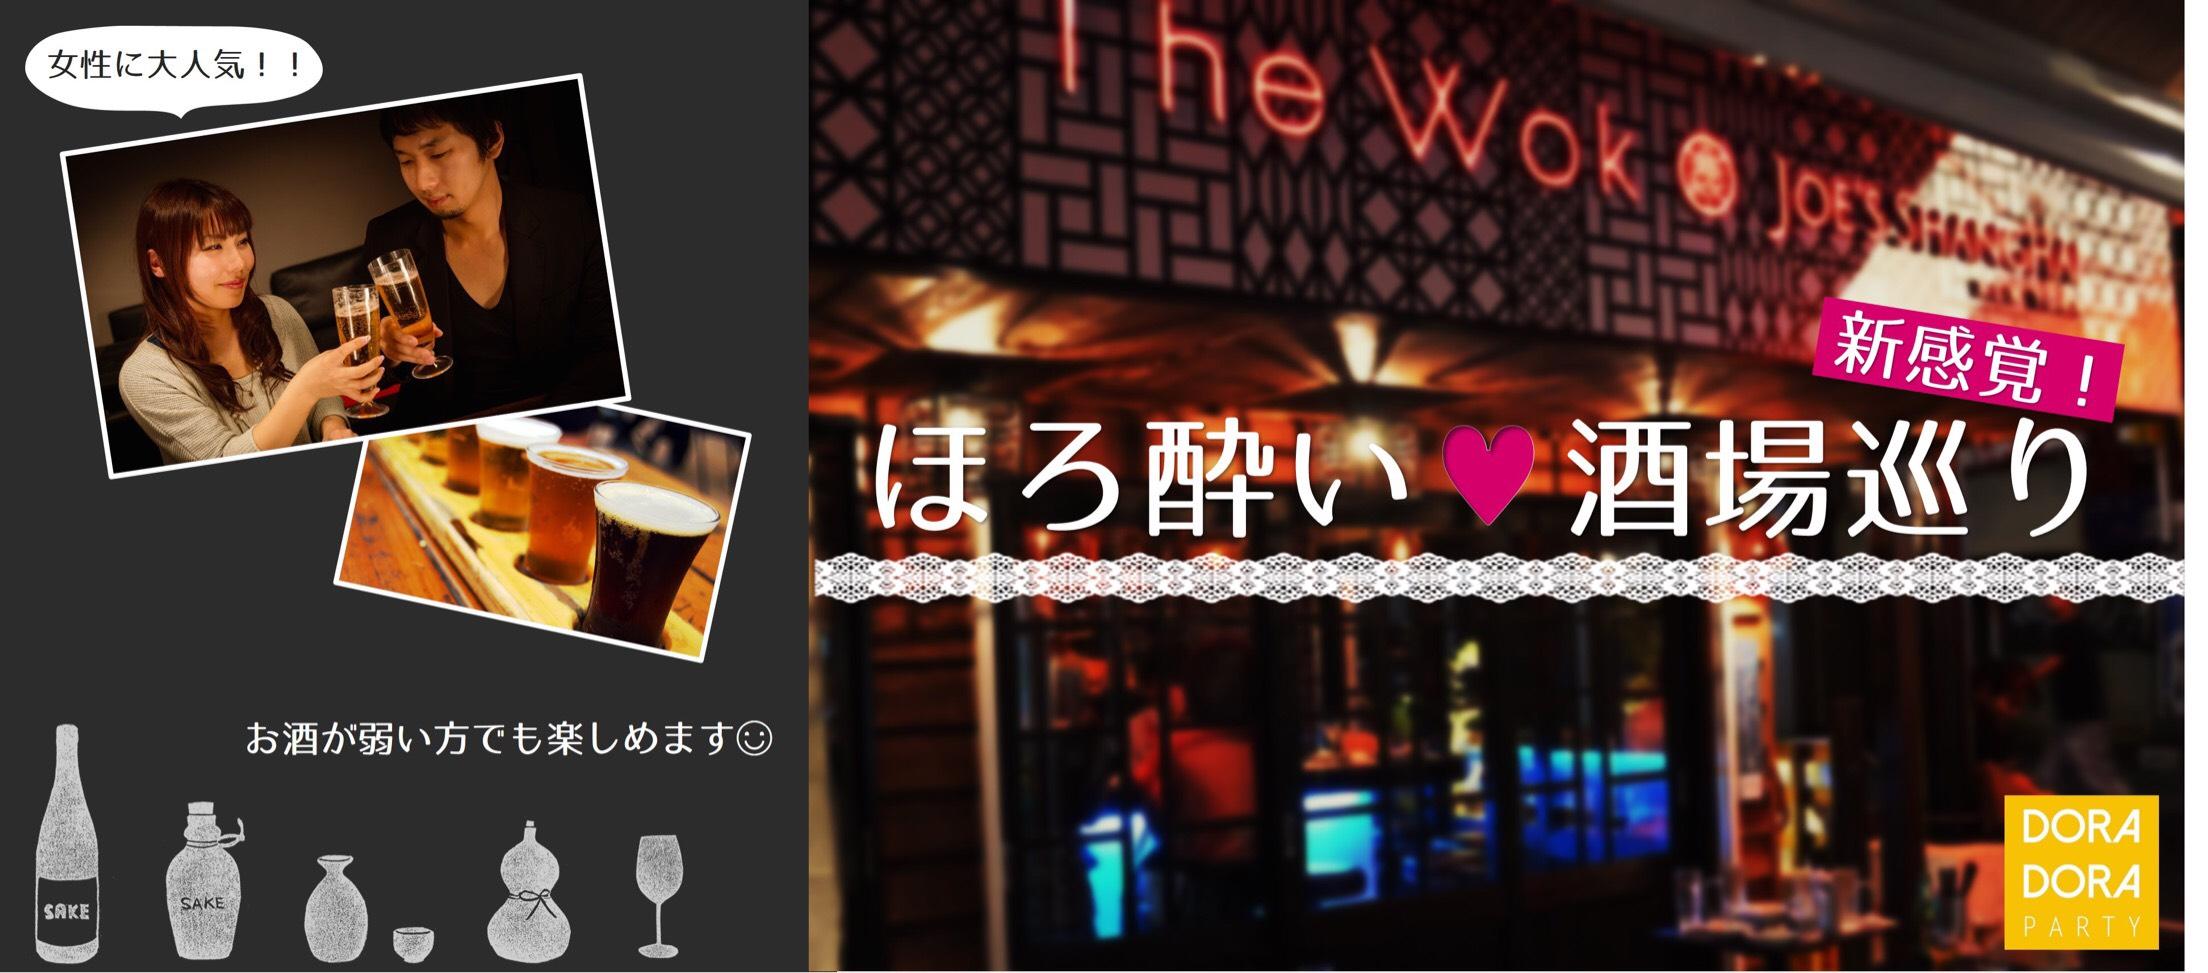 3/23 恵比寿 20代限定!遂にやってきました!!  新感覚!!恵比寿で「グルメ×出会い」を楽しめる女性に優しいほろ酔い酒場巡りコン☆